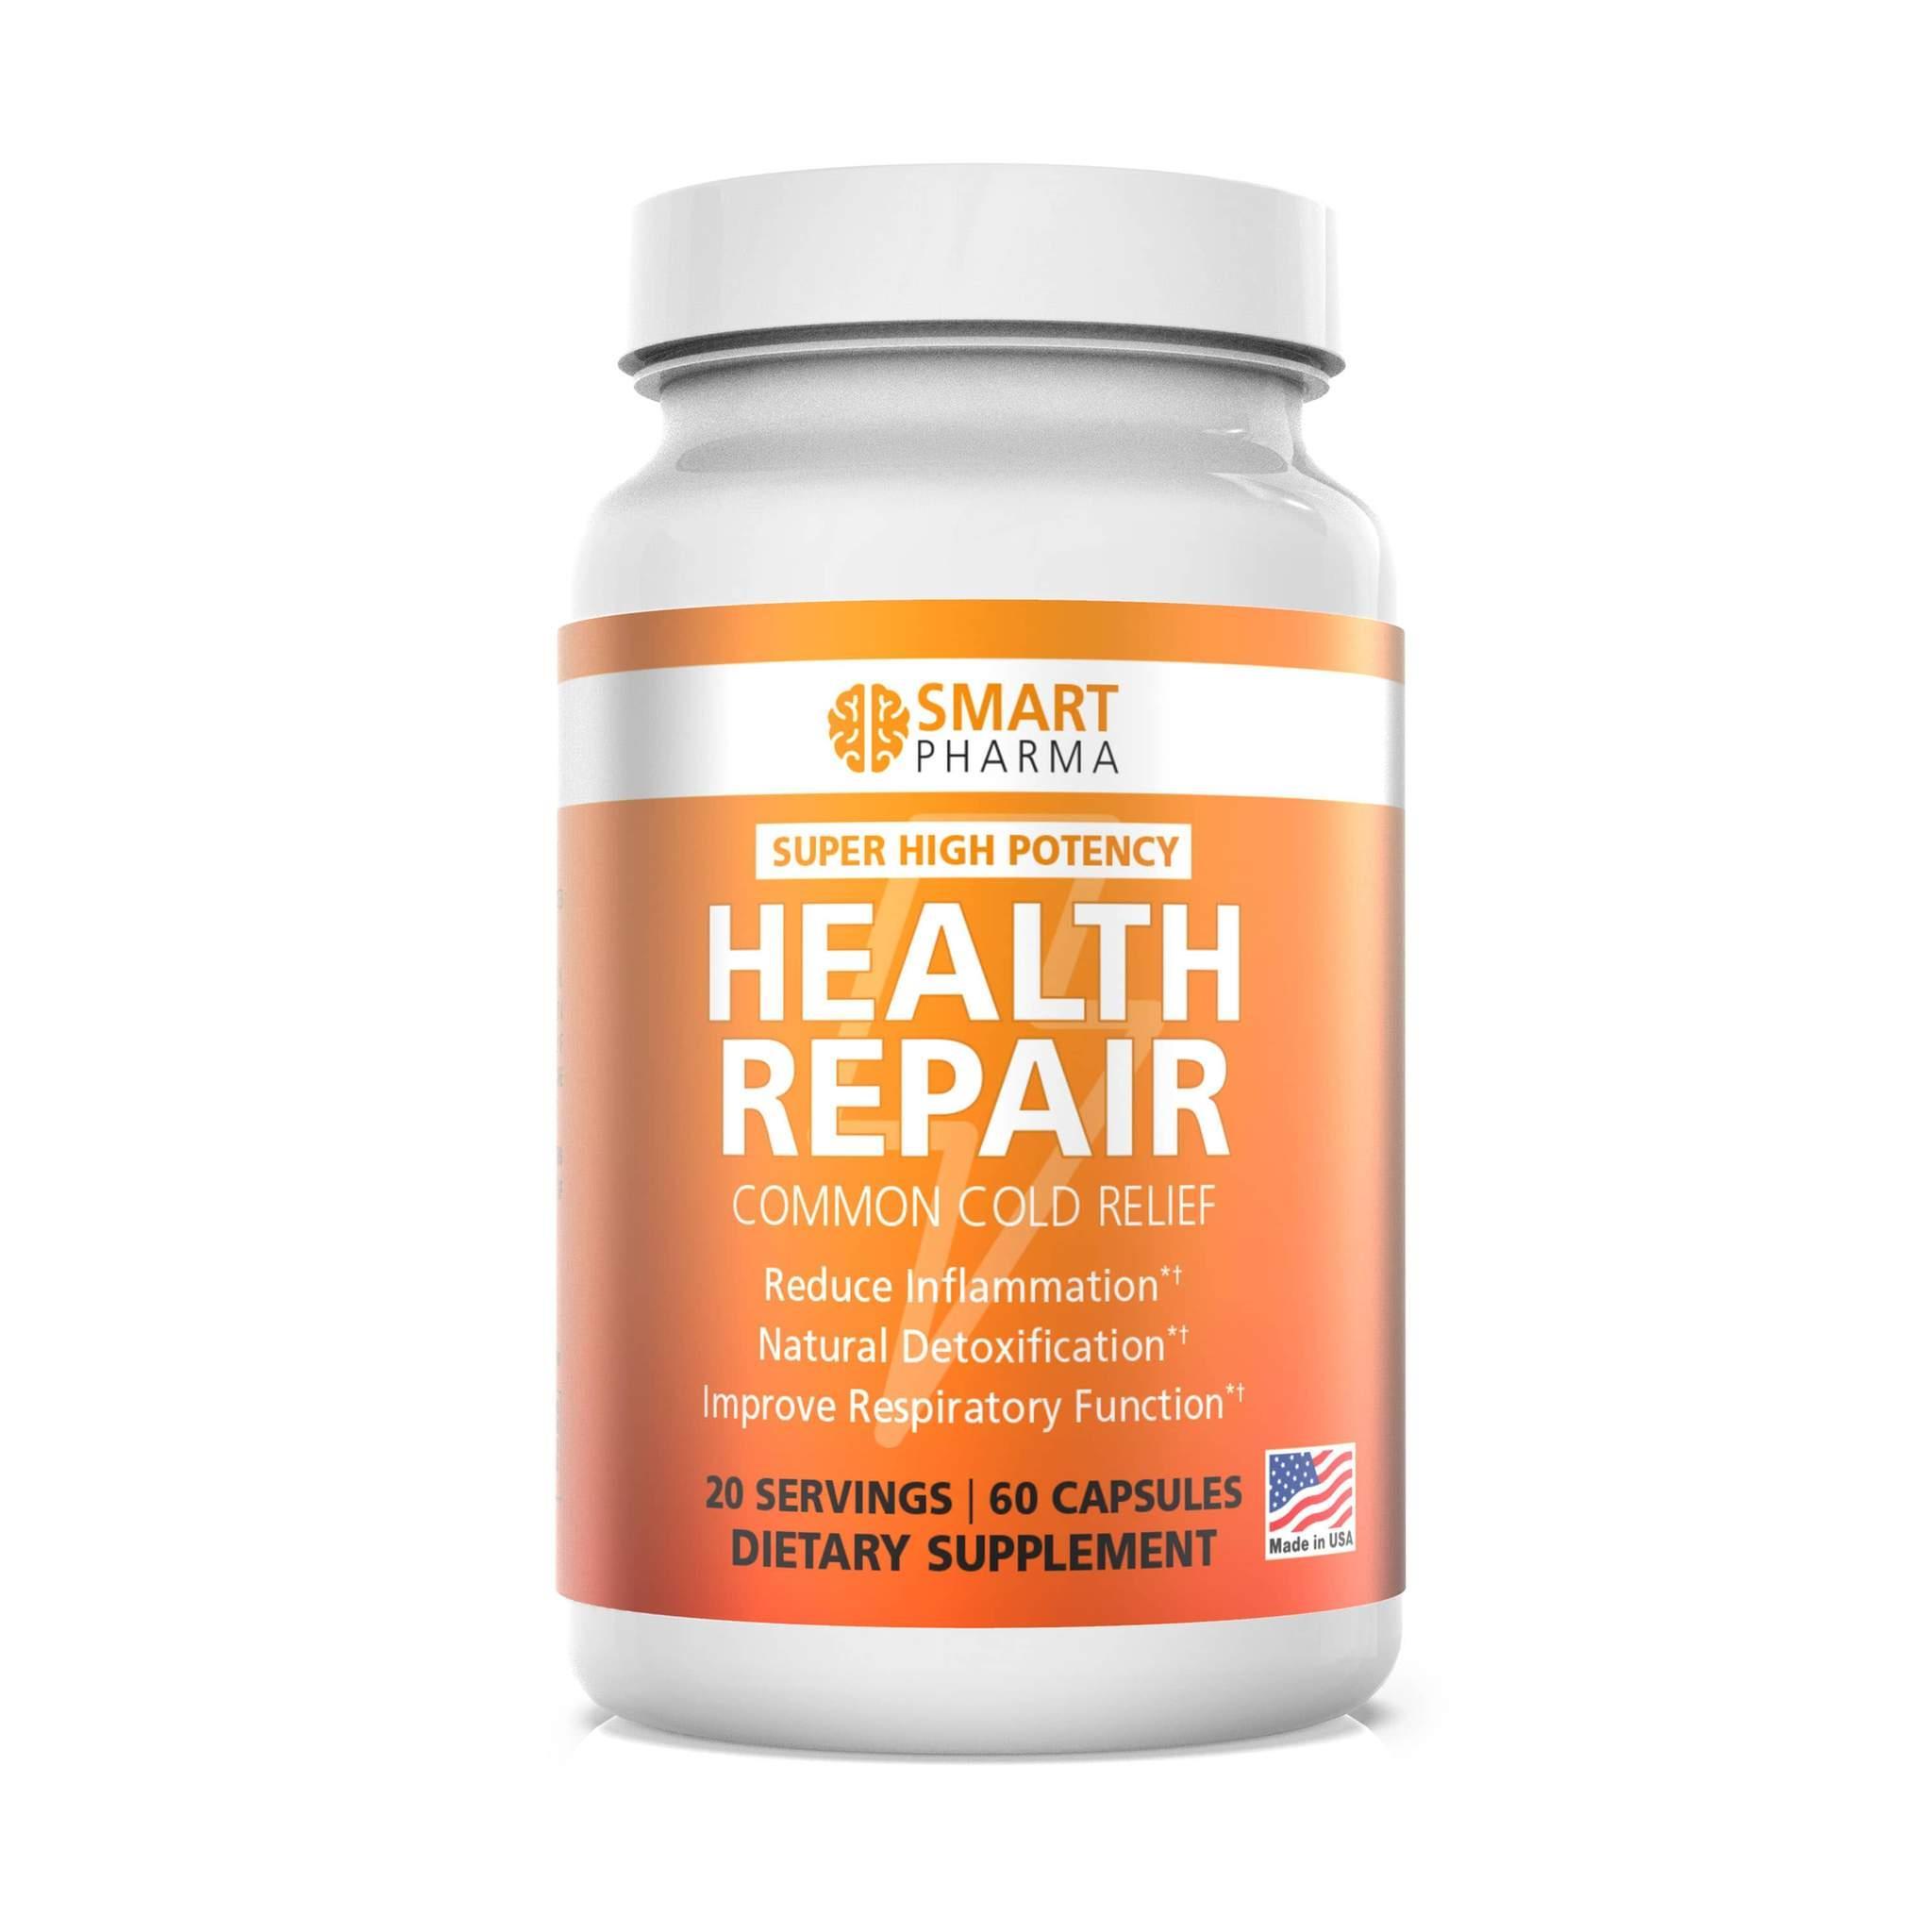 HEALTH REPAIR SMART PHARMA